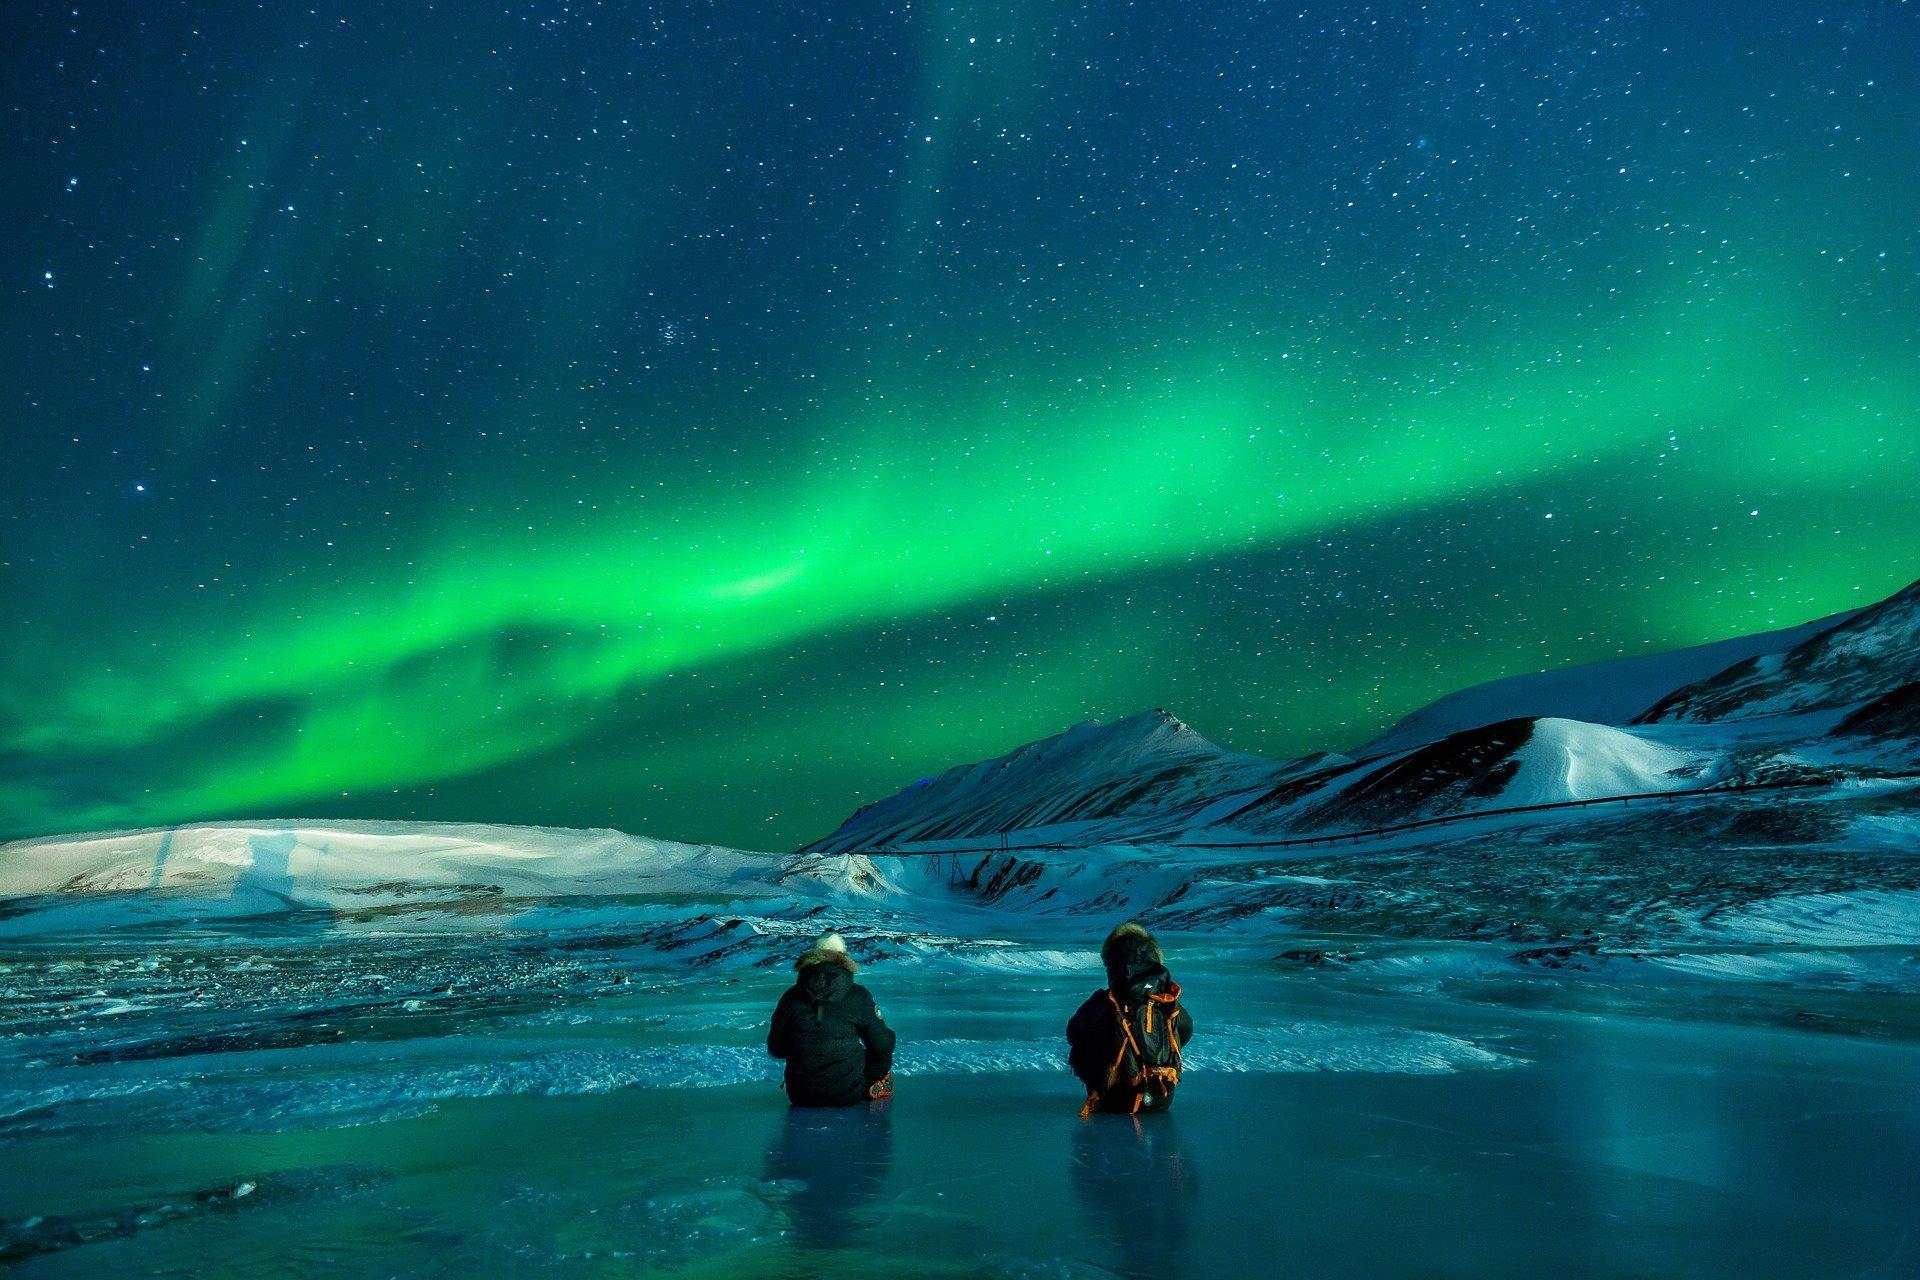 Northern Lights, Alaska (Photo Credit: Pixabay)